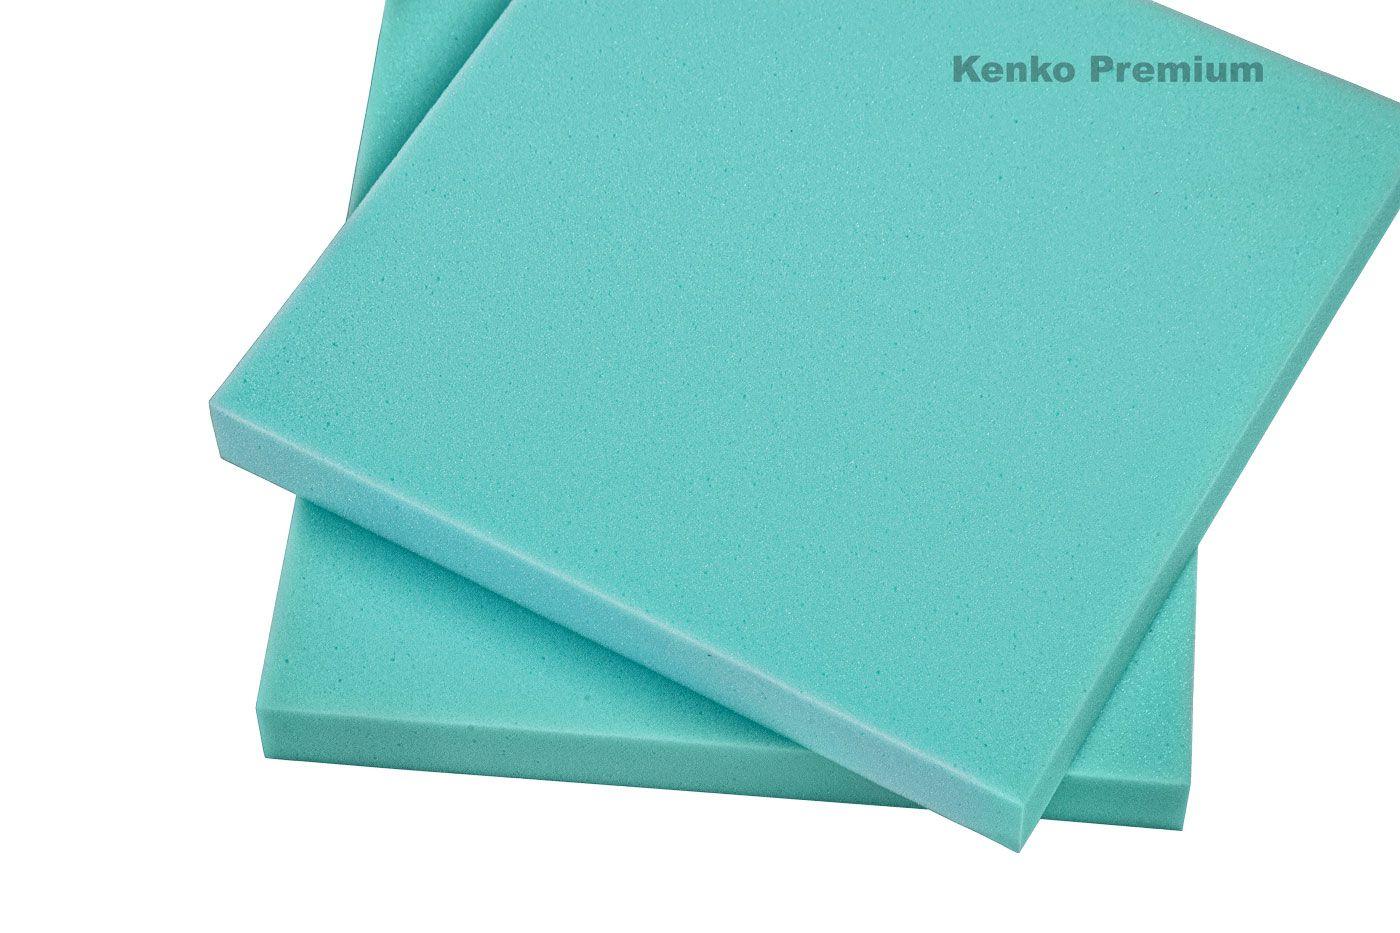 Peça de Espuma Estofado Cadeira 40cm x 40cm X 5cm D33 Kenko Premium  - Kenko Premium Colchões